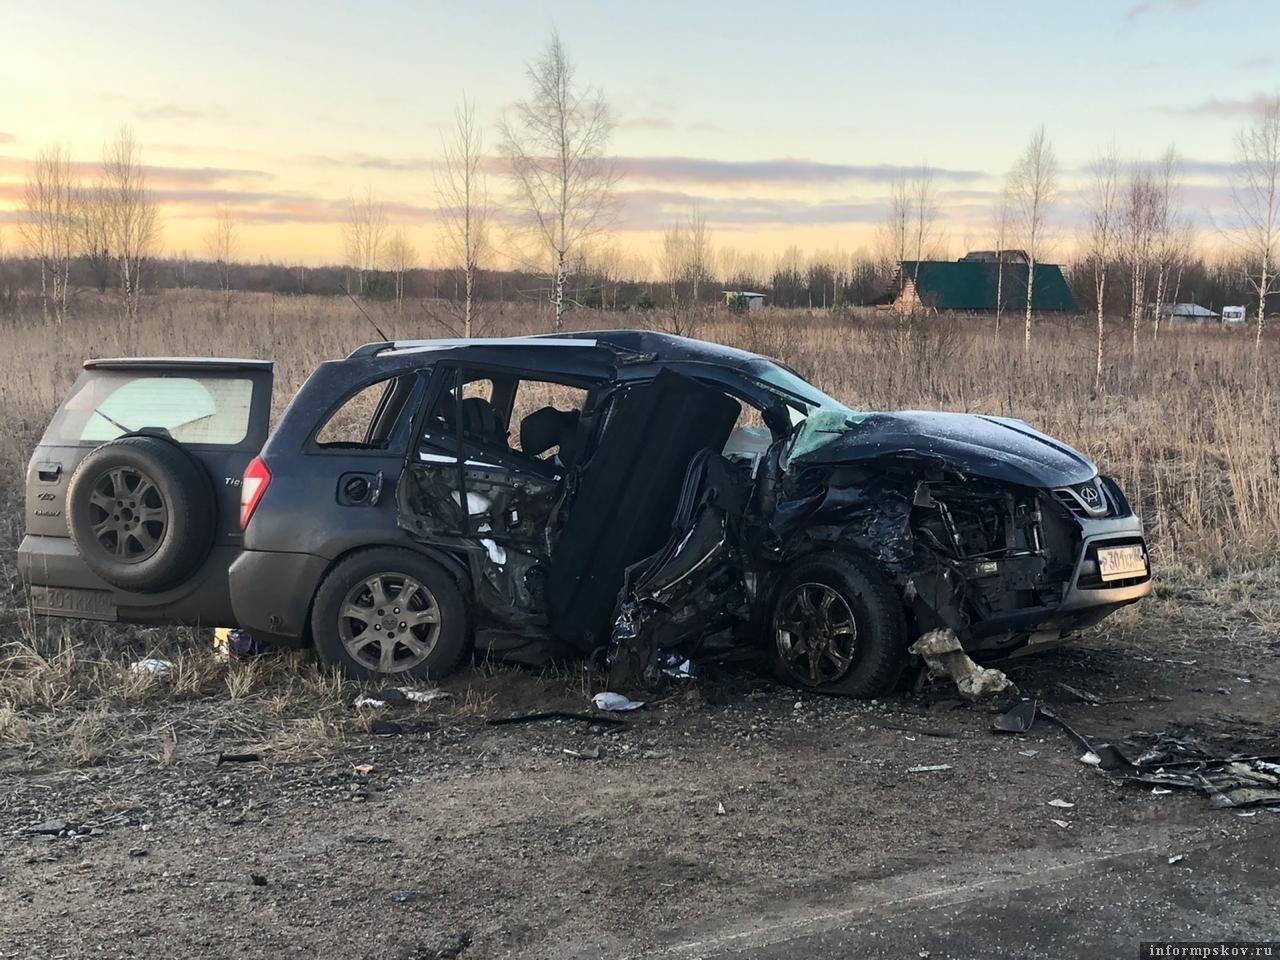 ДТП произошло 13 января в Псковском районе. Погибли 3 человека. Фото: пресс-служба УМВД России по Псковской области.